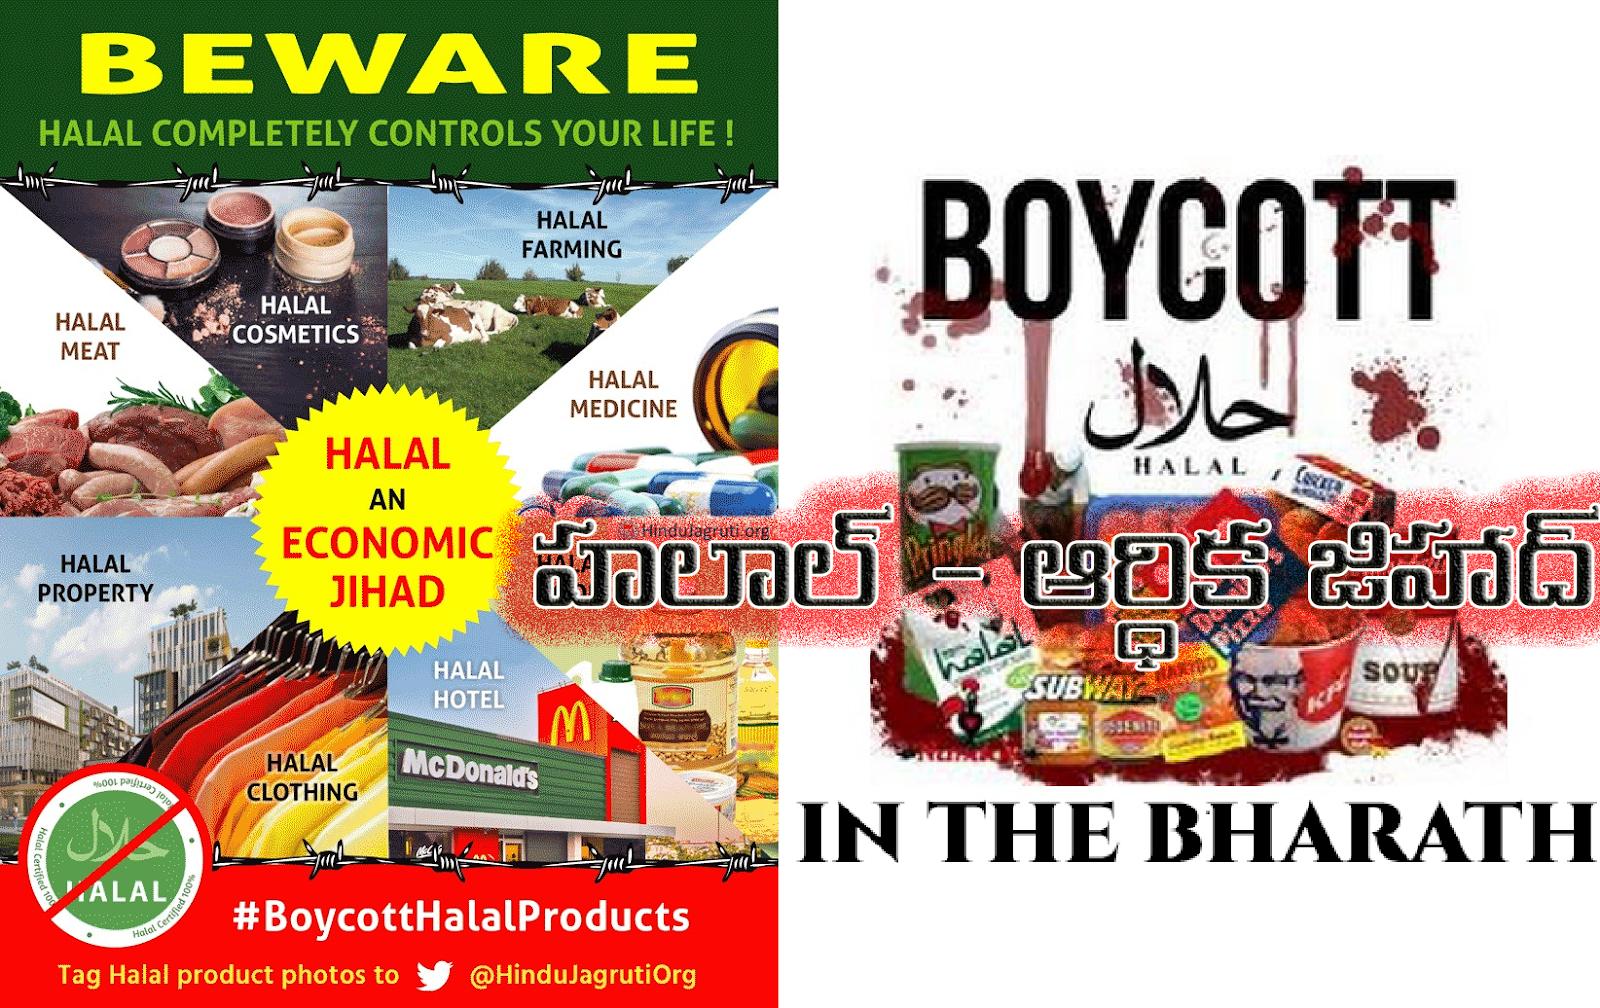 """లౌకికవాదం ముసుగులో ఆర్ధిక జిహాద్ గా మారిన """"హలాల్"""" - """"Halal"""" turned into economic jihad in pursuit of secularism"""